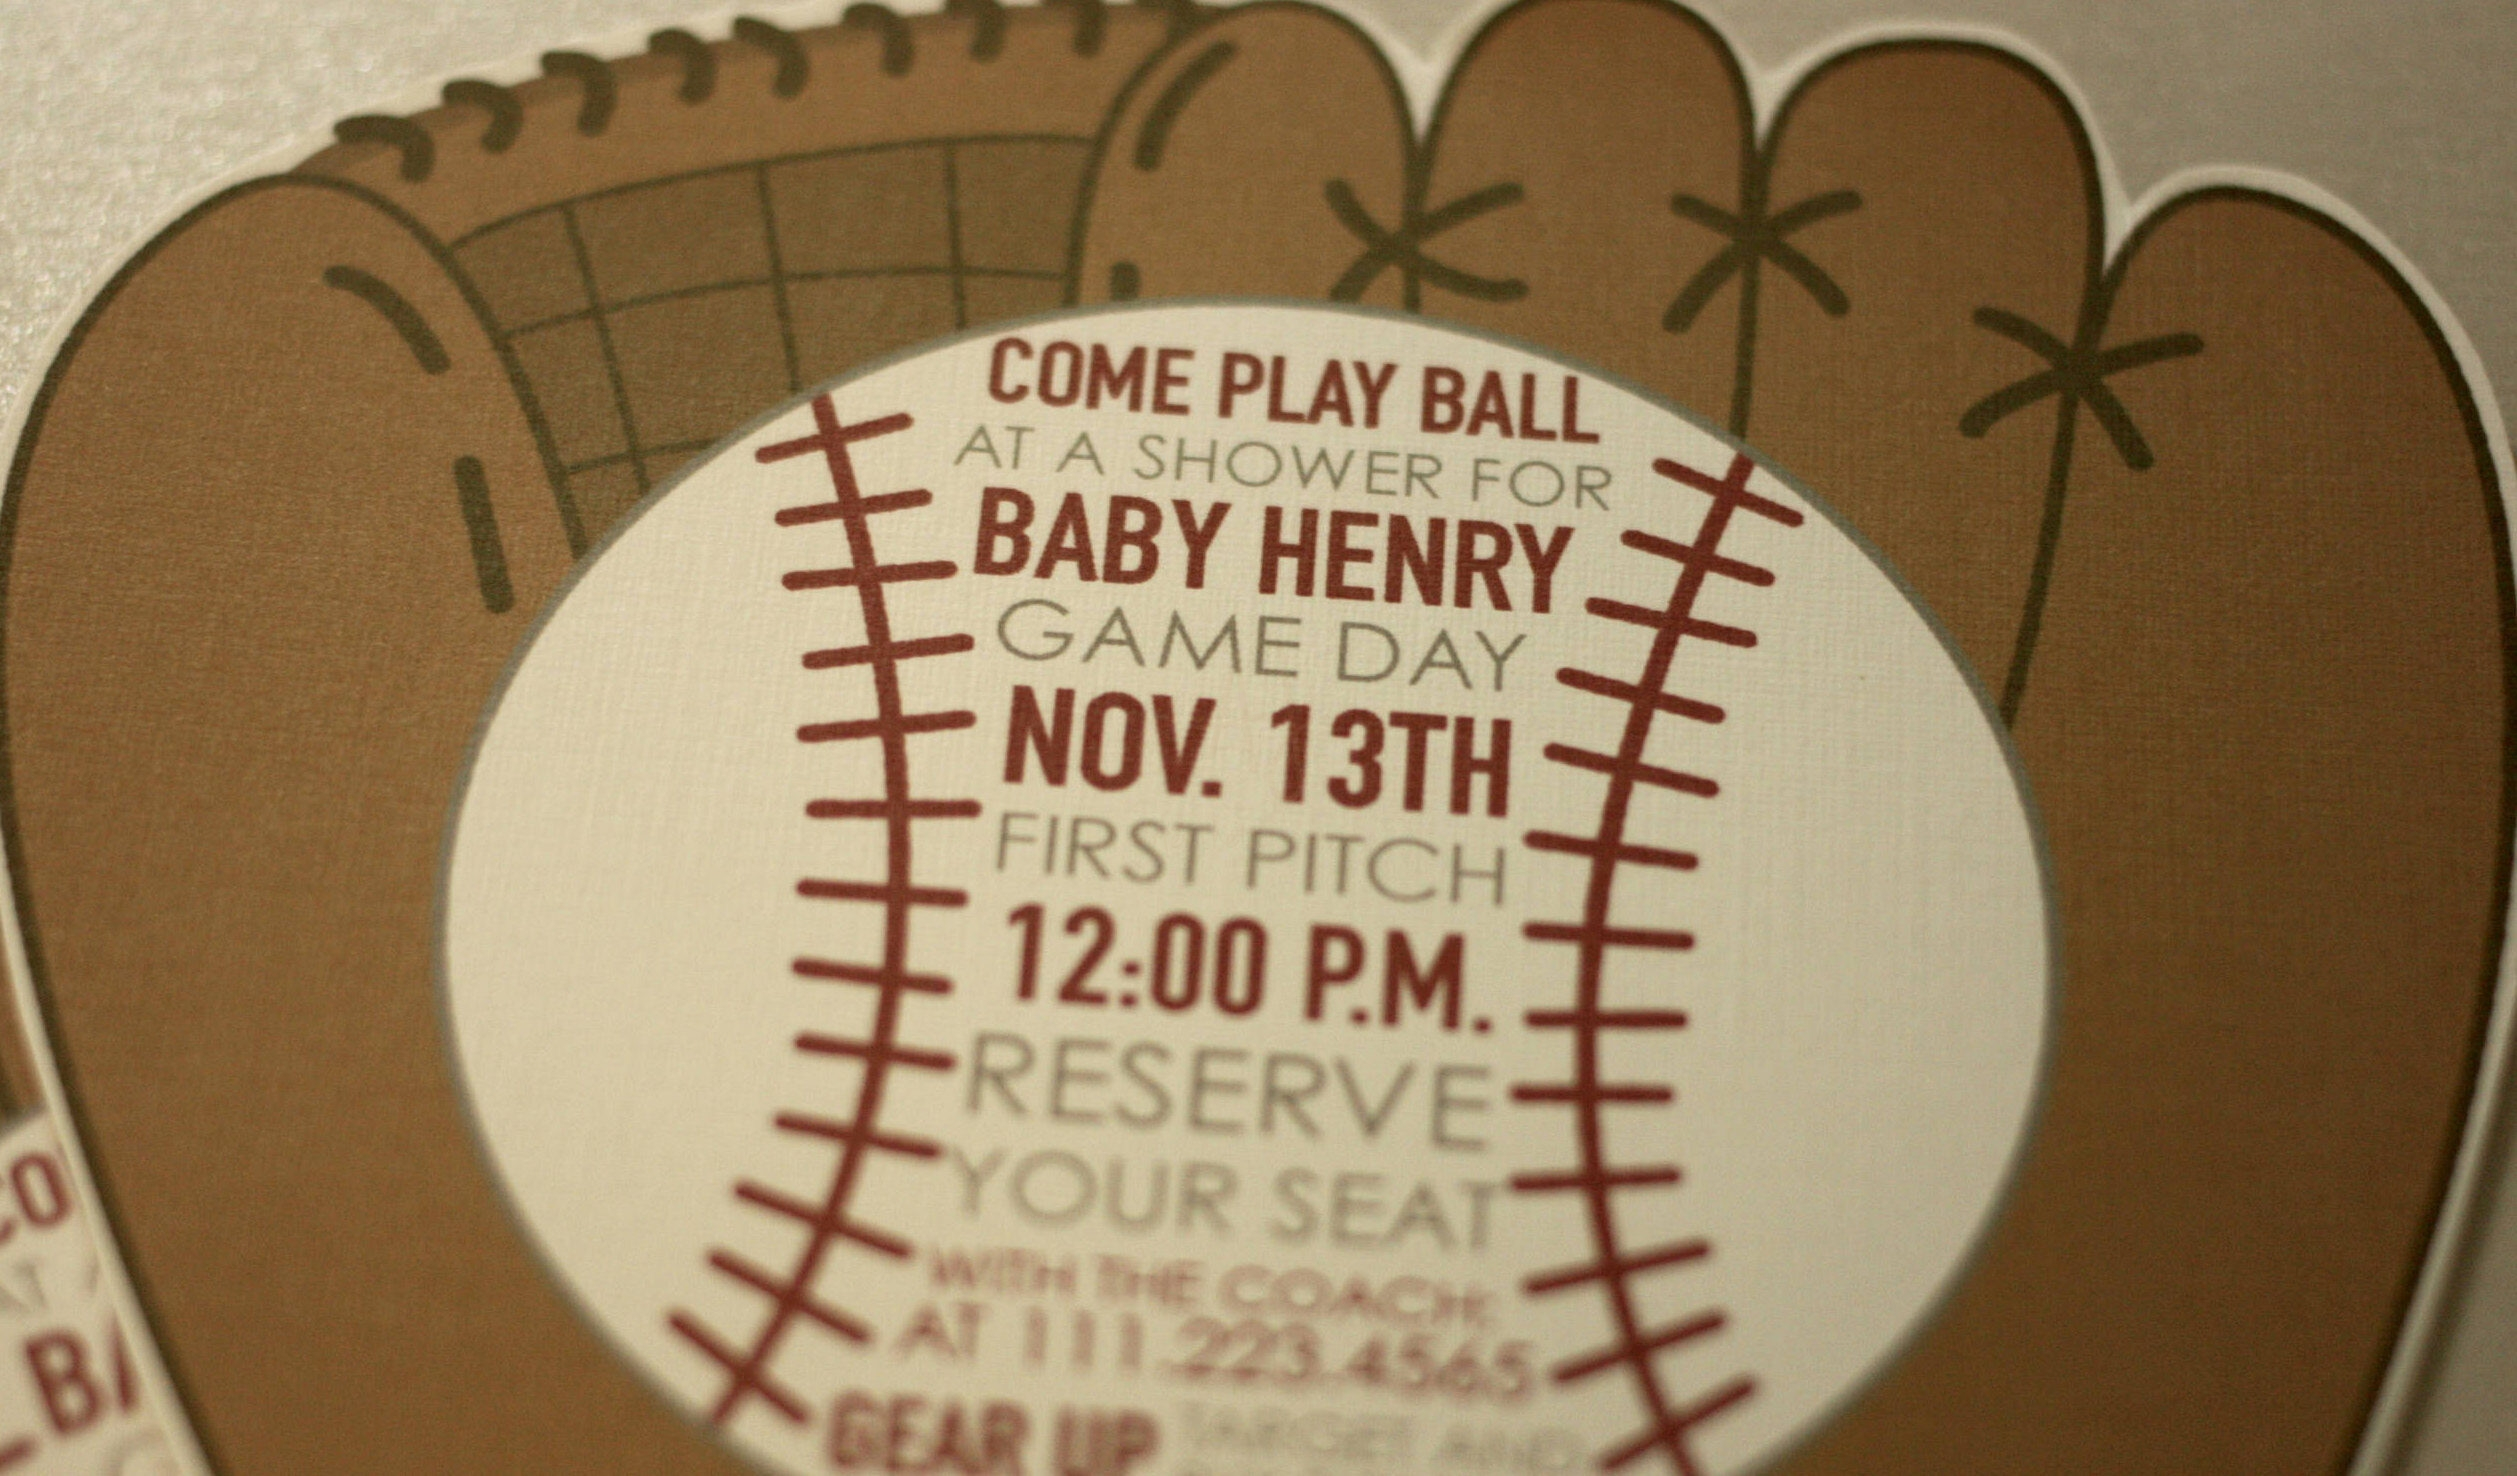 Baseball Themed Invitation for Baby Shower + Envelopes -